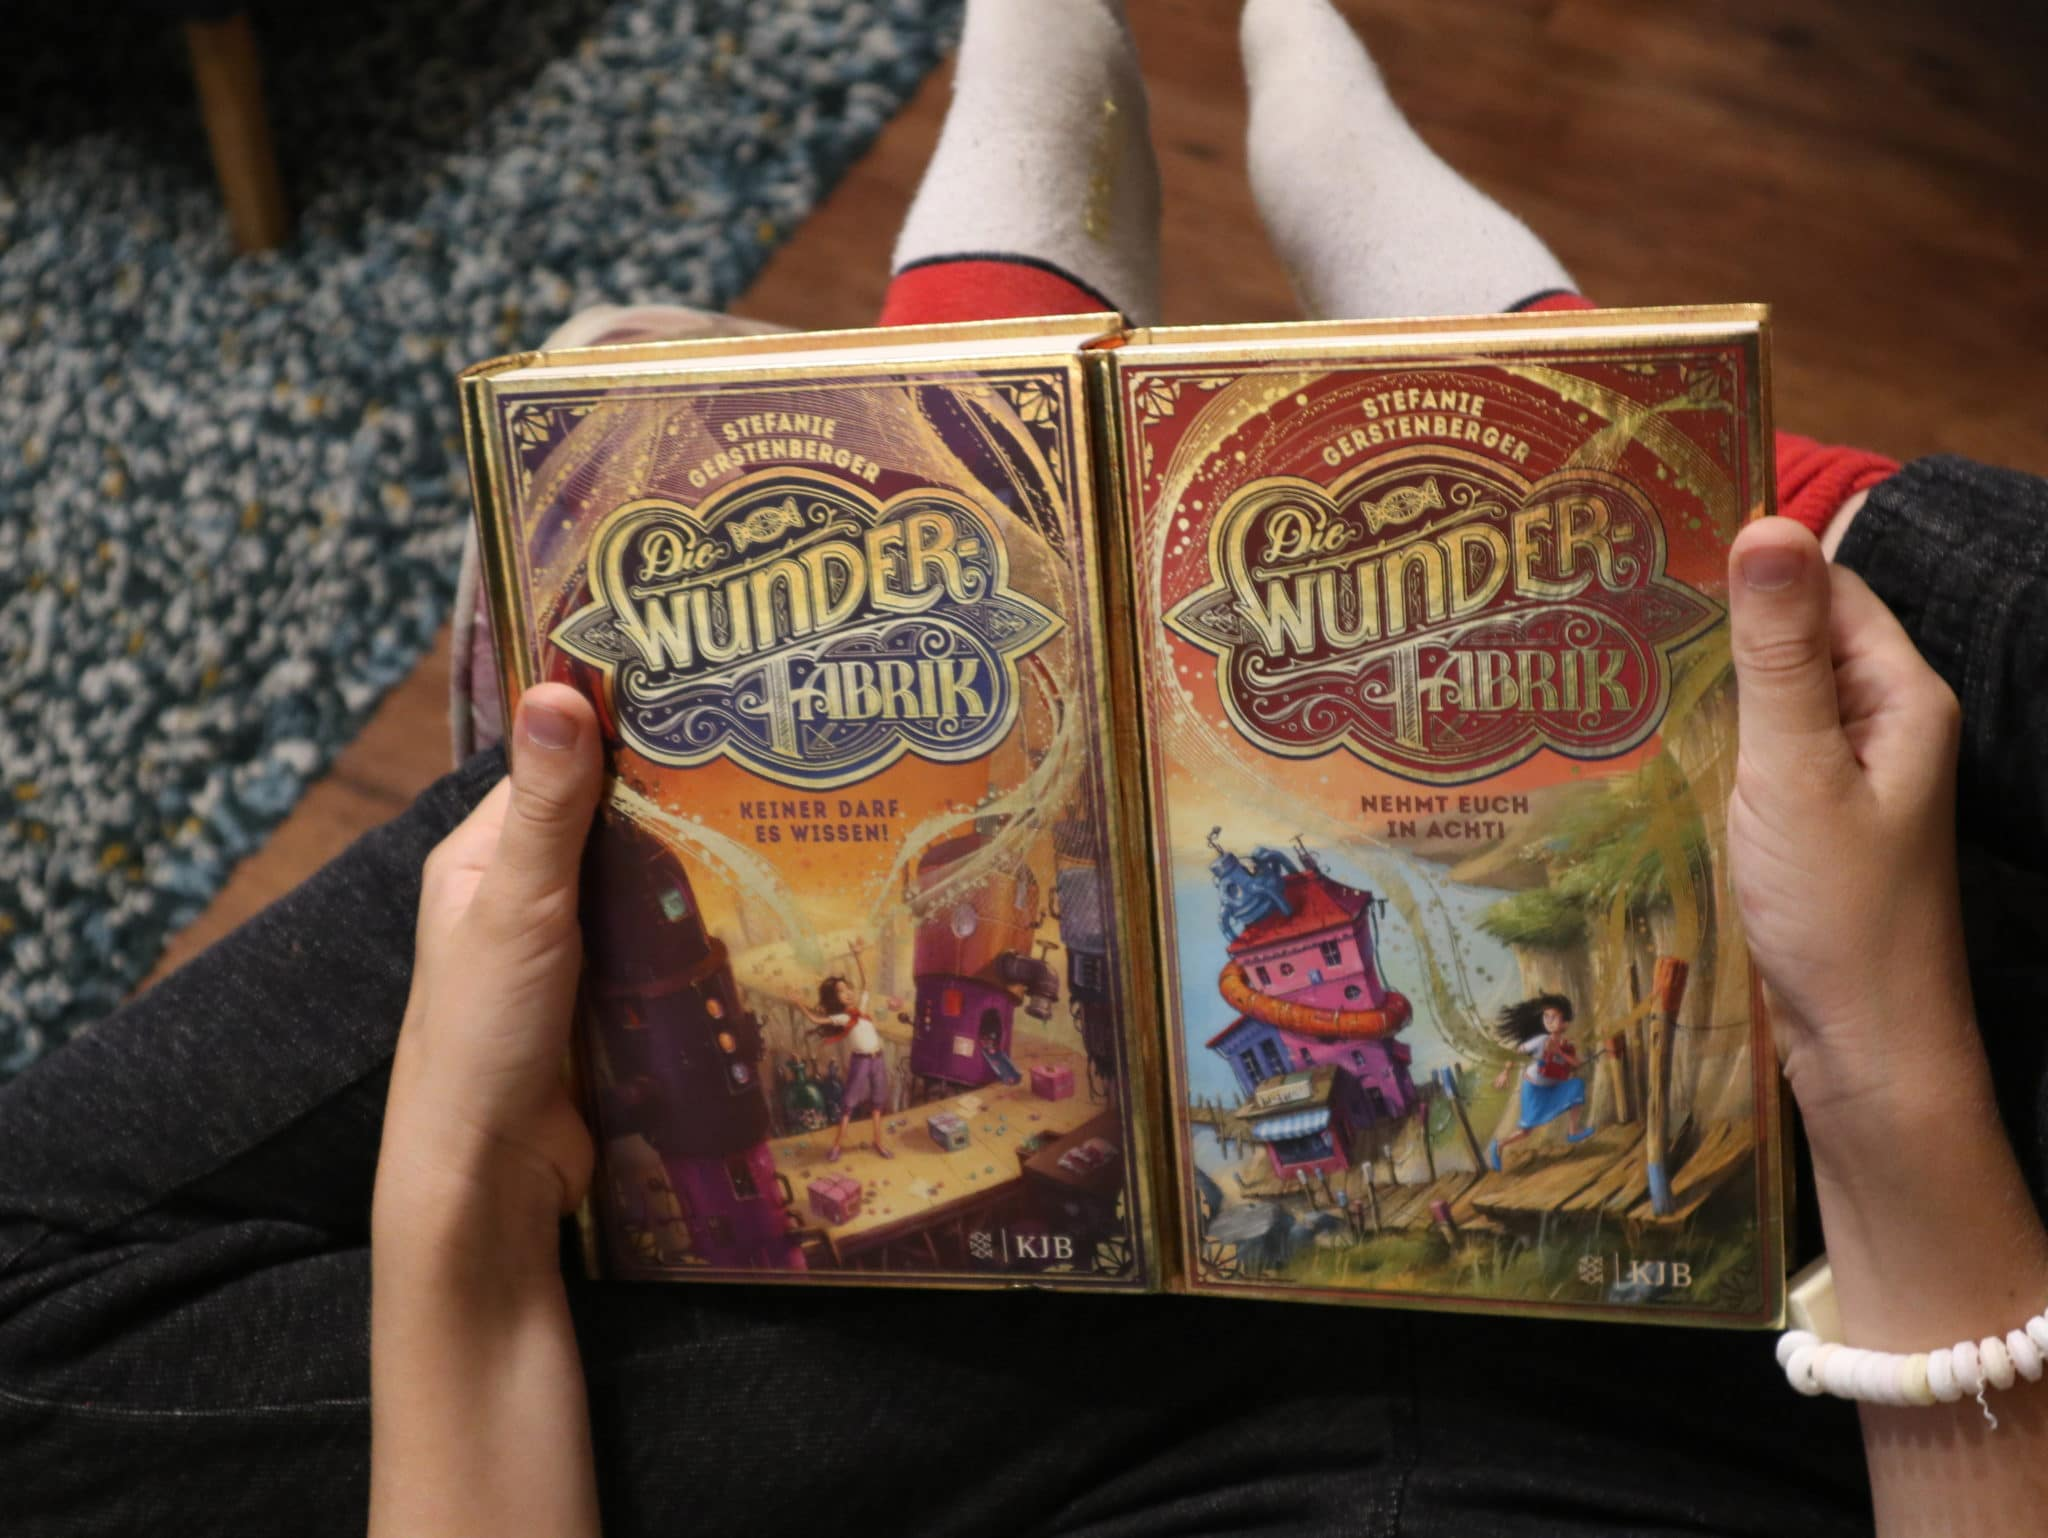 Die Wunderfabrik_Stefanie Gerstenberger_Fischer_Verlag